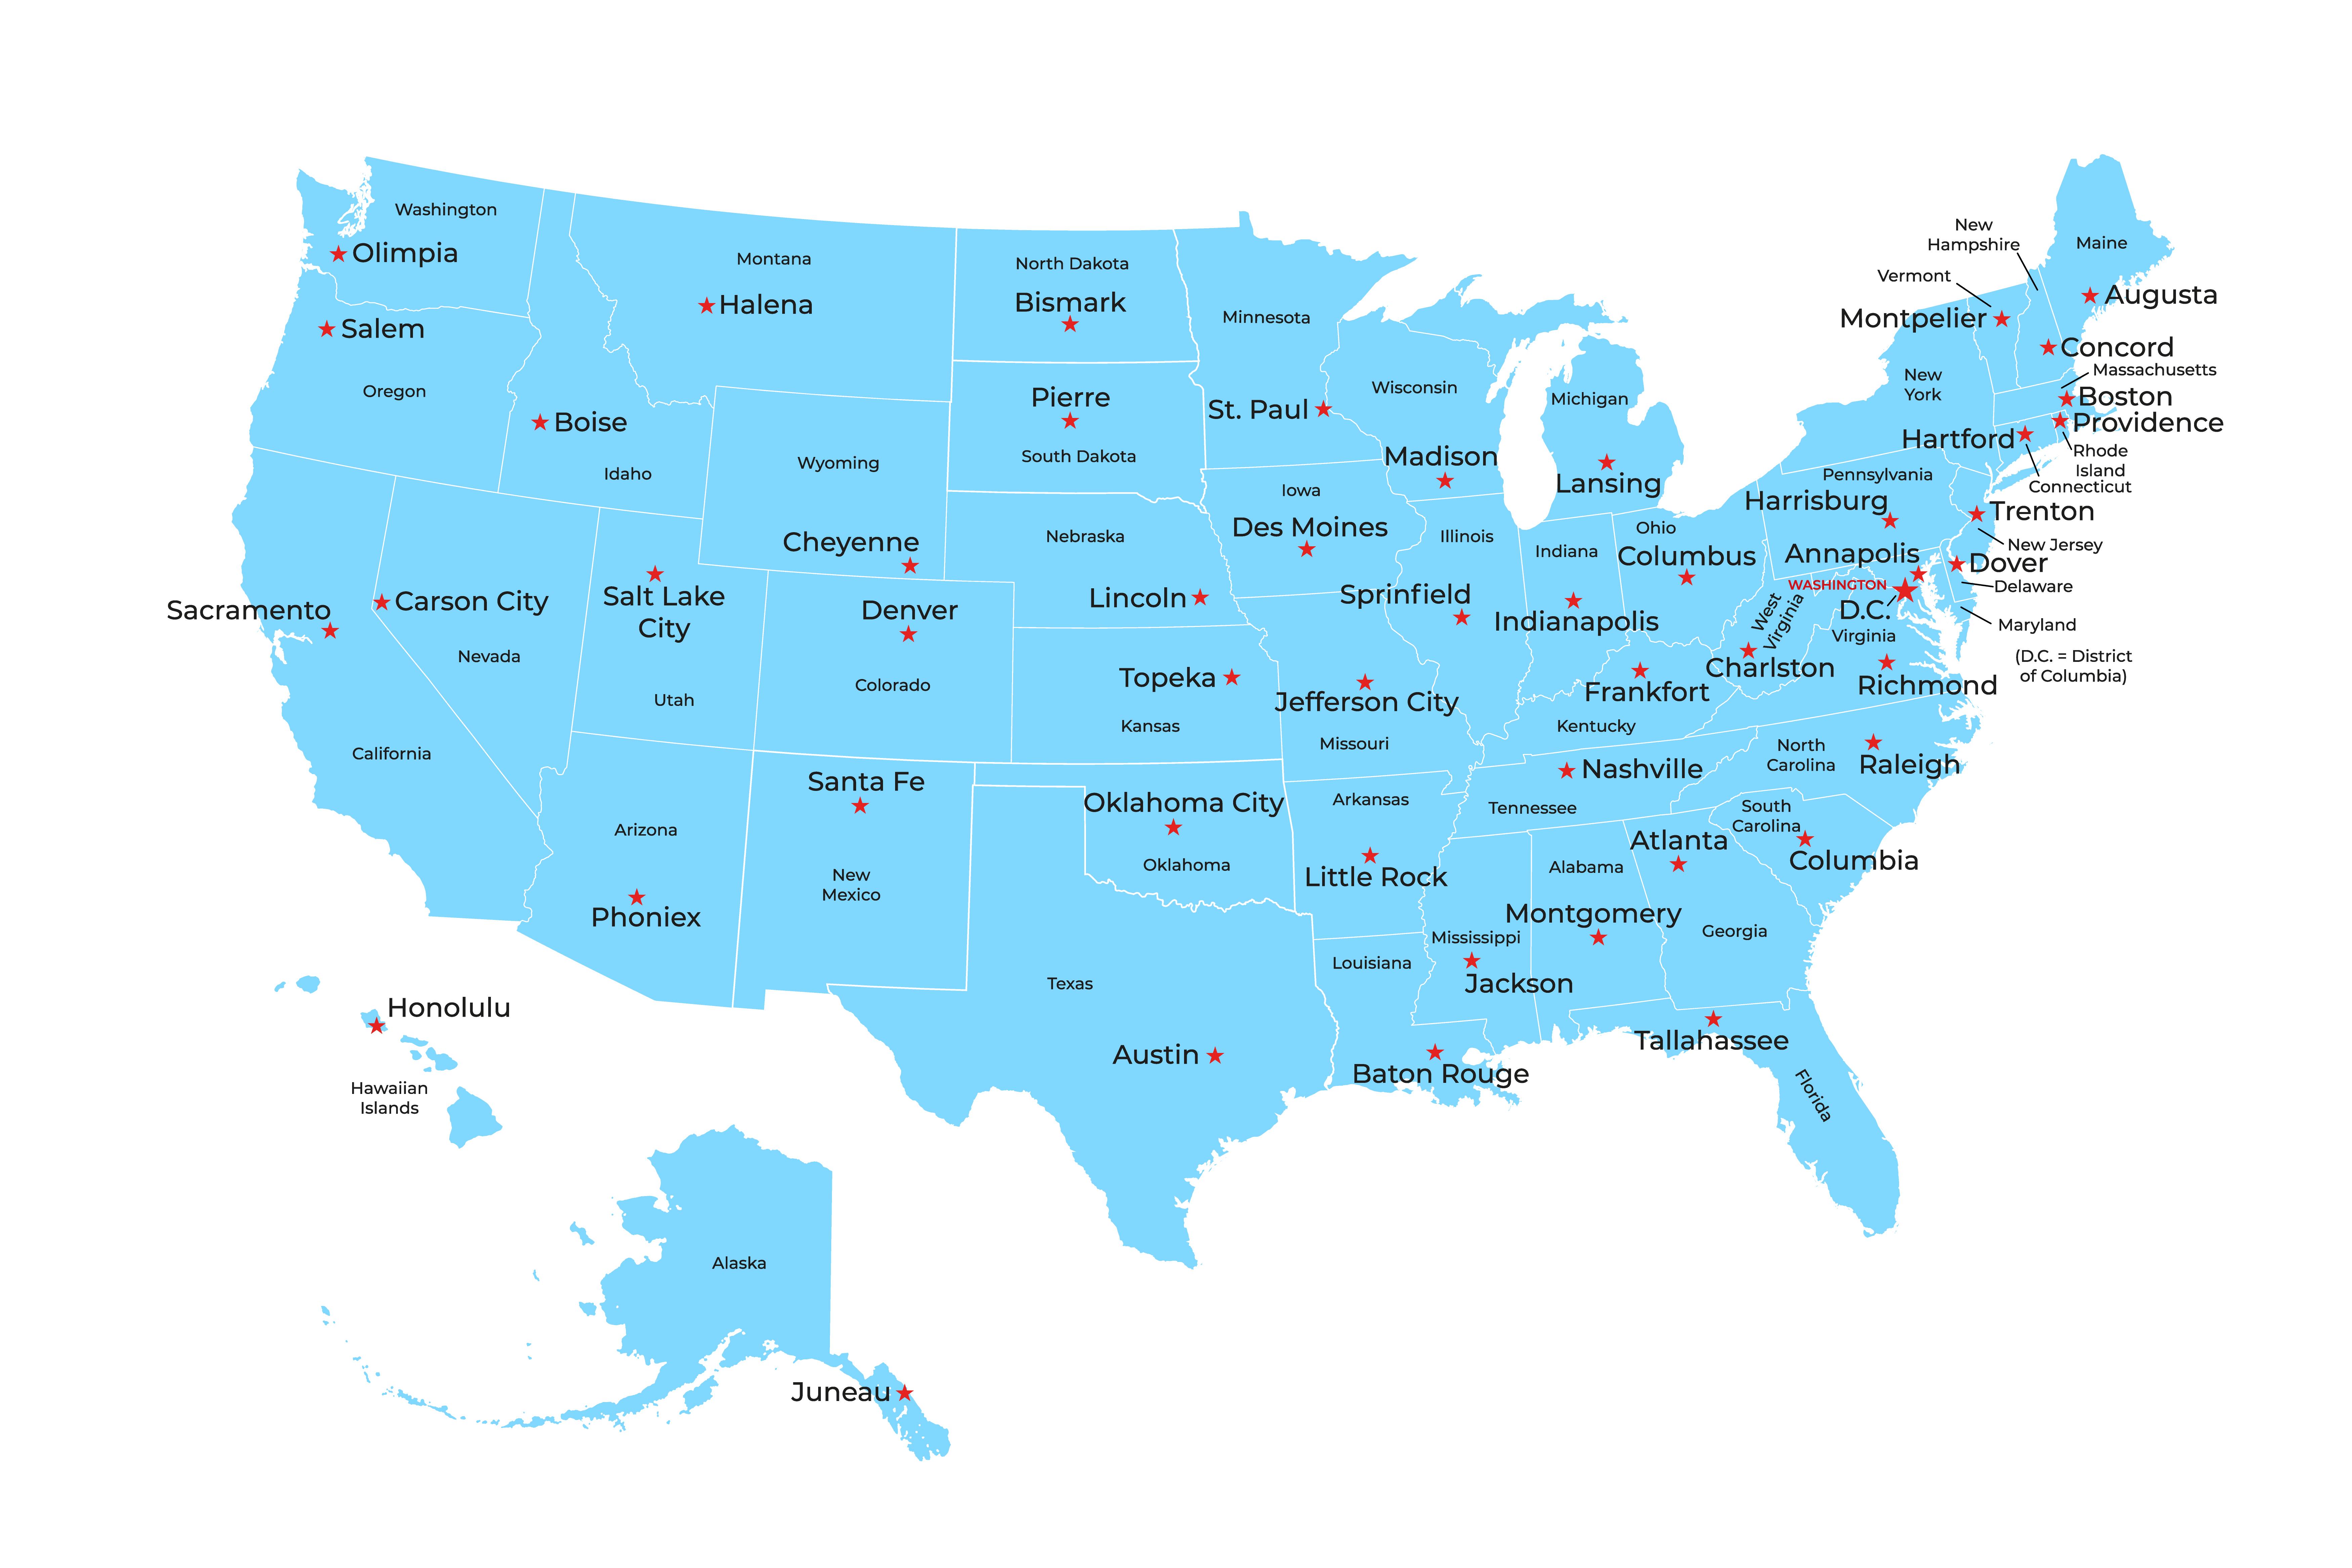 Cartina Geografica Degli Stati Uniti Di America.Mappa Degli Stati Uniti D America Con Stati E Capitali 1873014 Scarica Immagini Vettoriali Gratis Grafica Vettoriale E Disegno Modelli